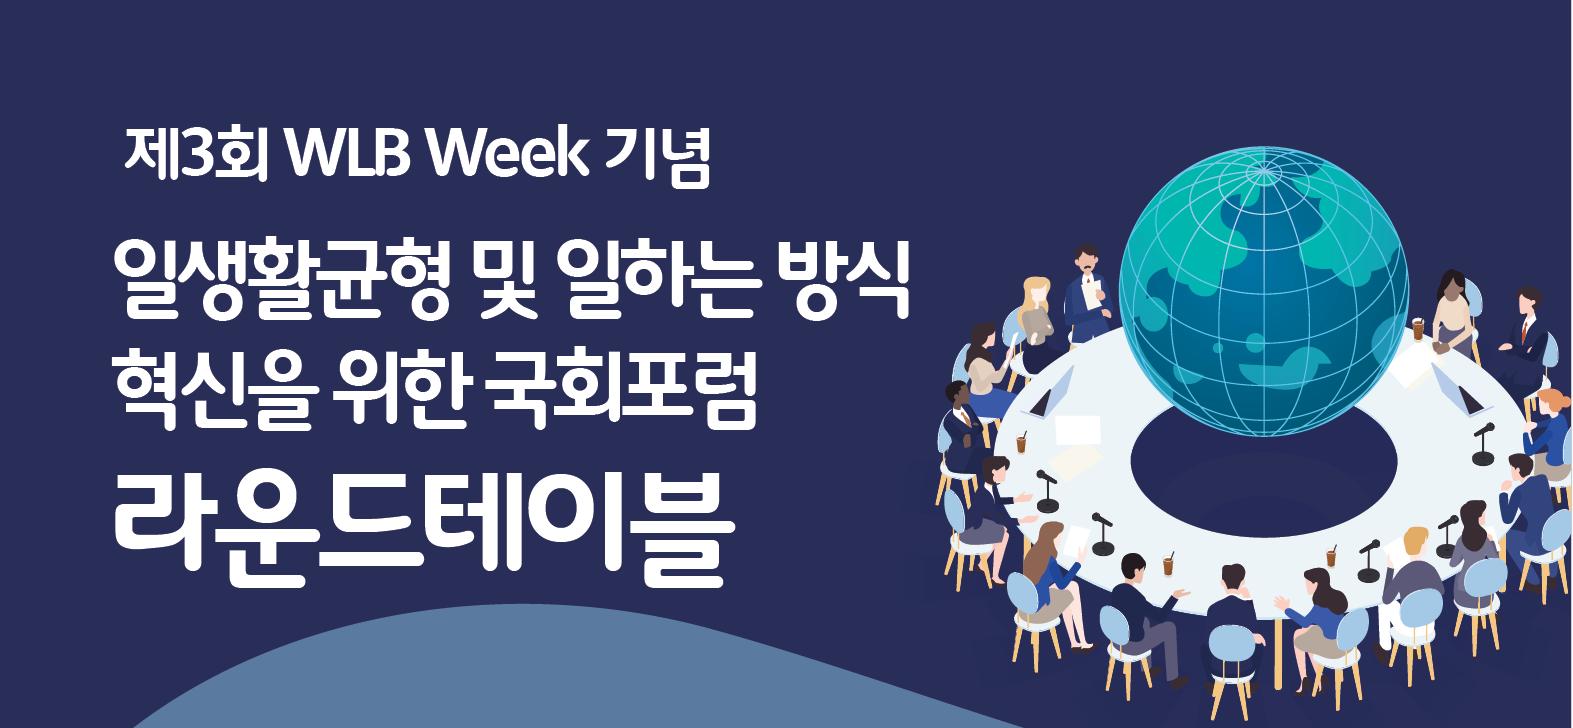 제3회 WLB week 기념「2019 일생활균형 및 일하는 방식 혁신을 위한 국회포럼」